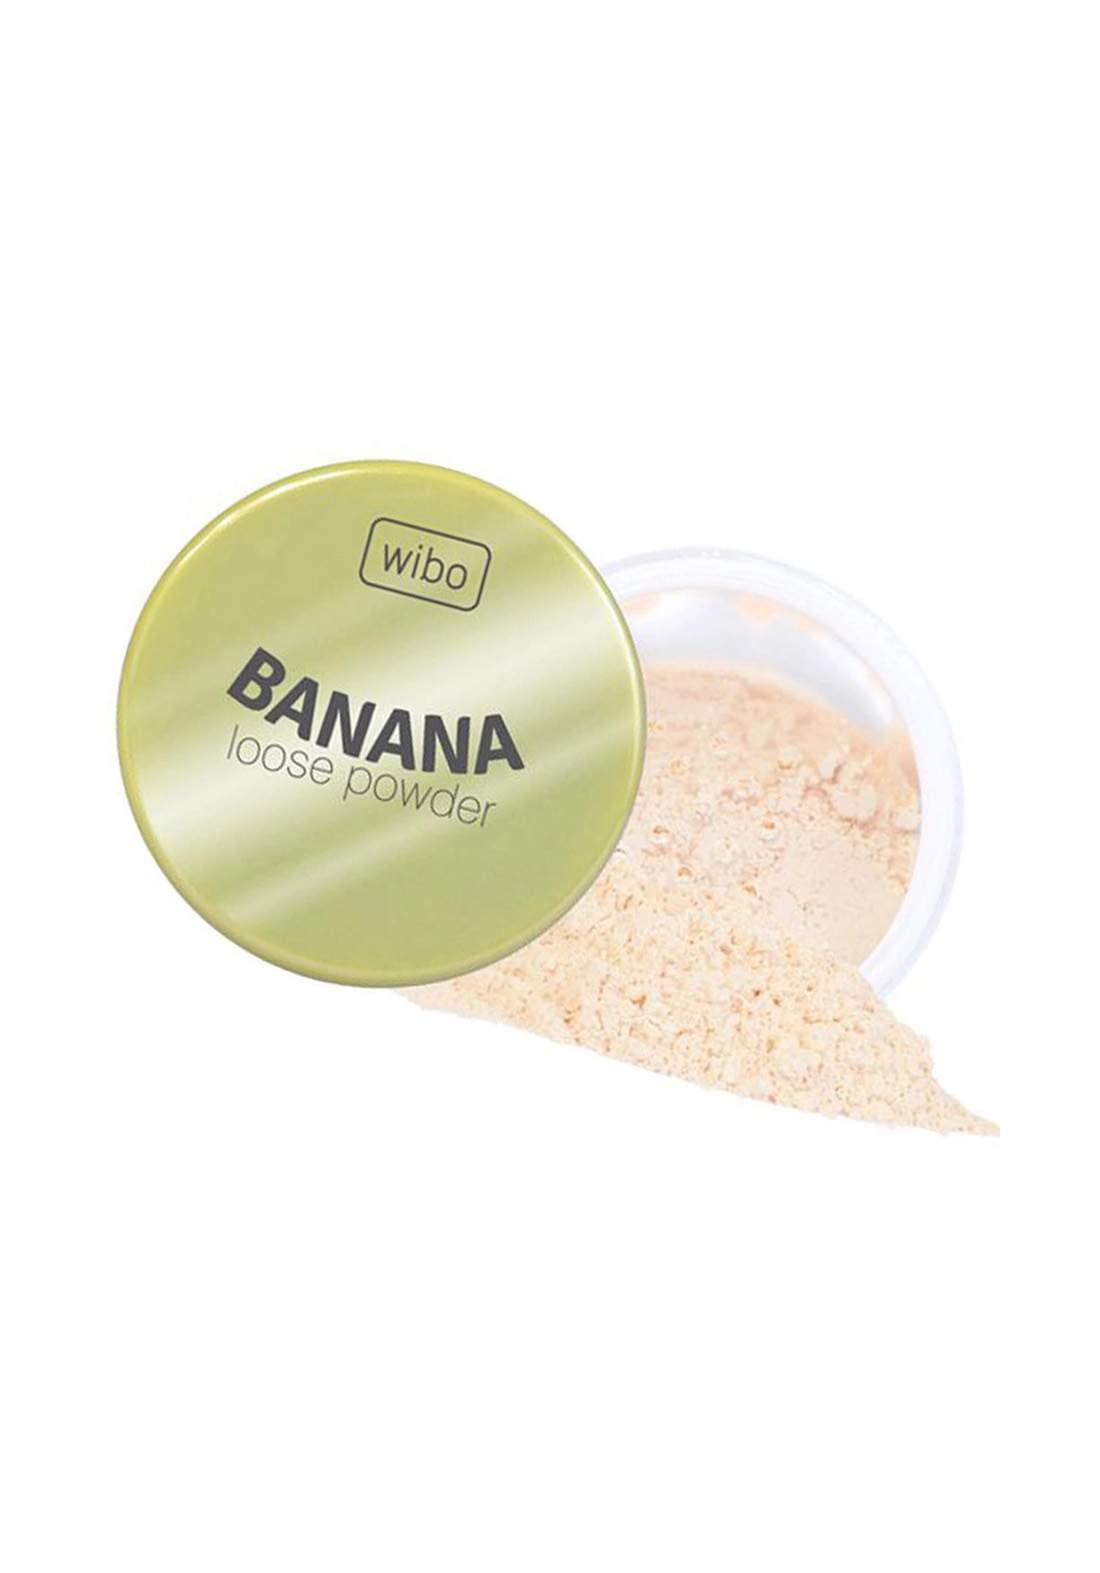 Wibo Banana Loose Powder لوس باودر